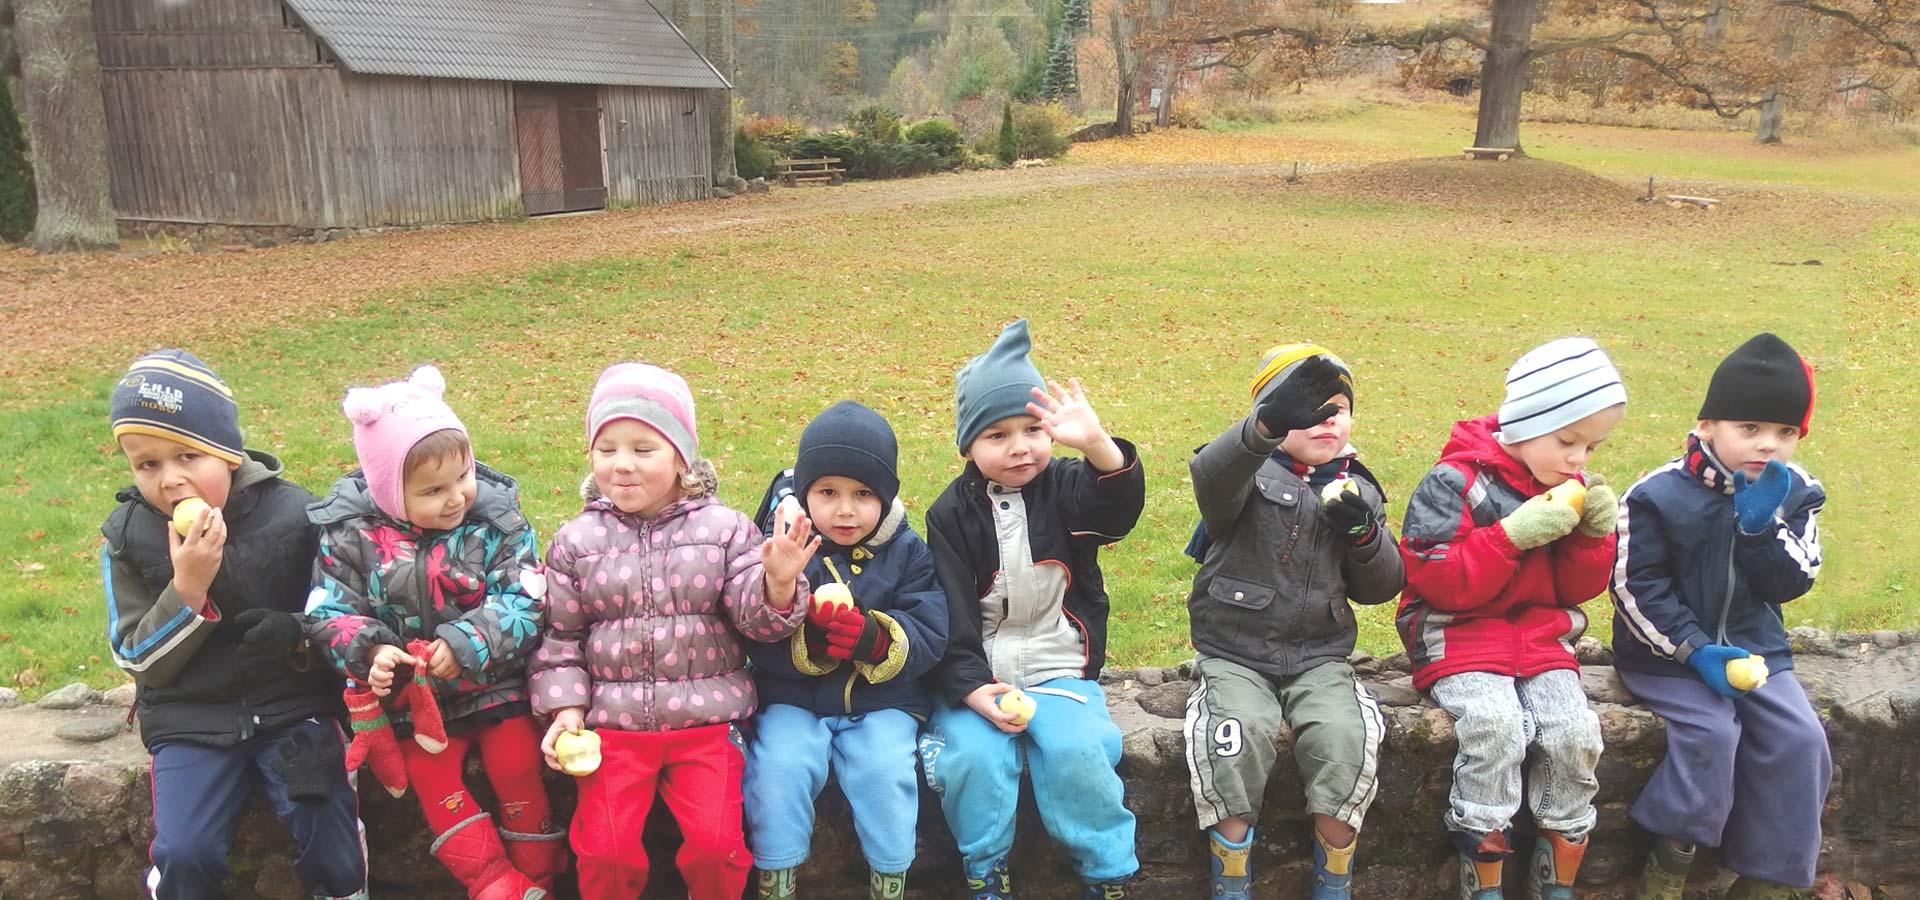 Les enfants du village